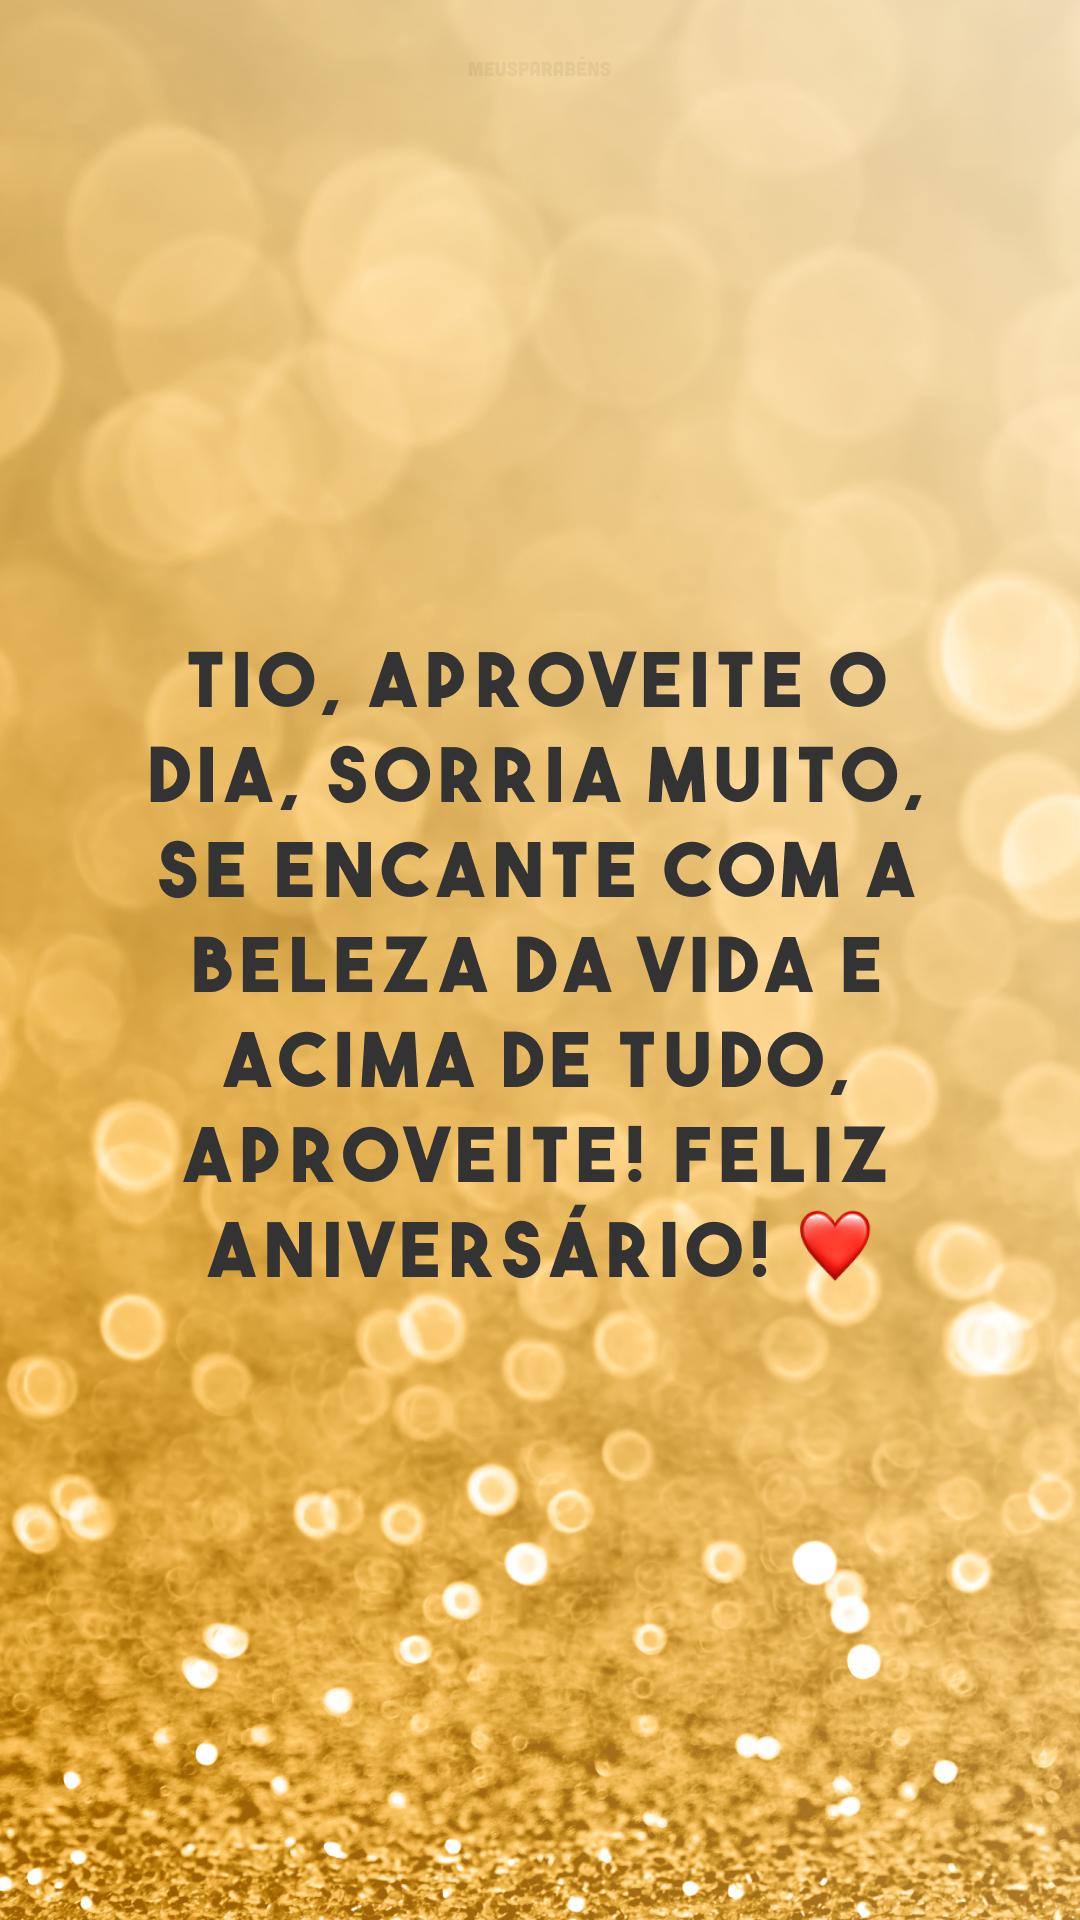 Tio, aproveite o dia, sorria muito, se encante com a beleza da vida e acima de tudo, aproveite! Feliz aniversário! ❤